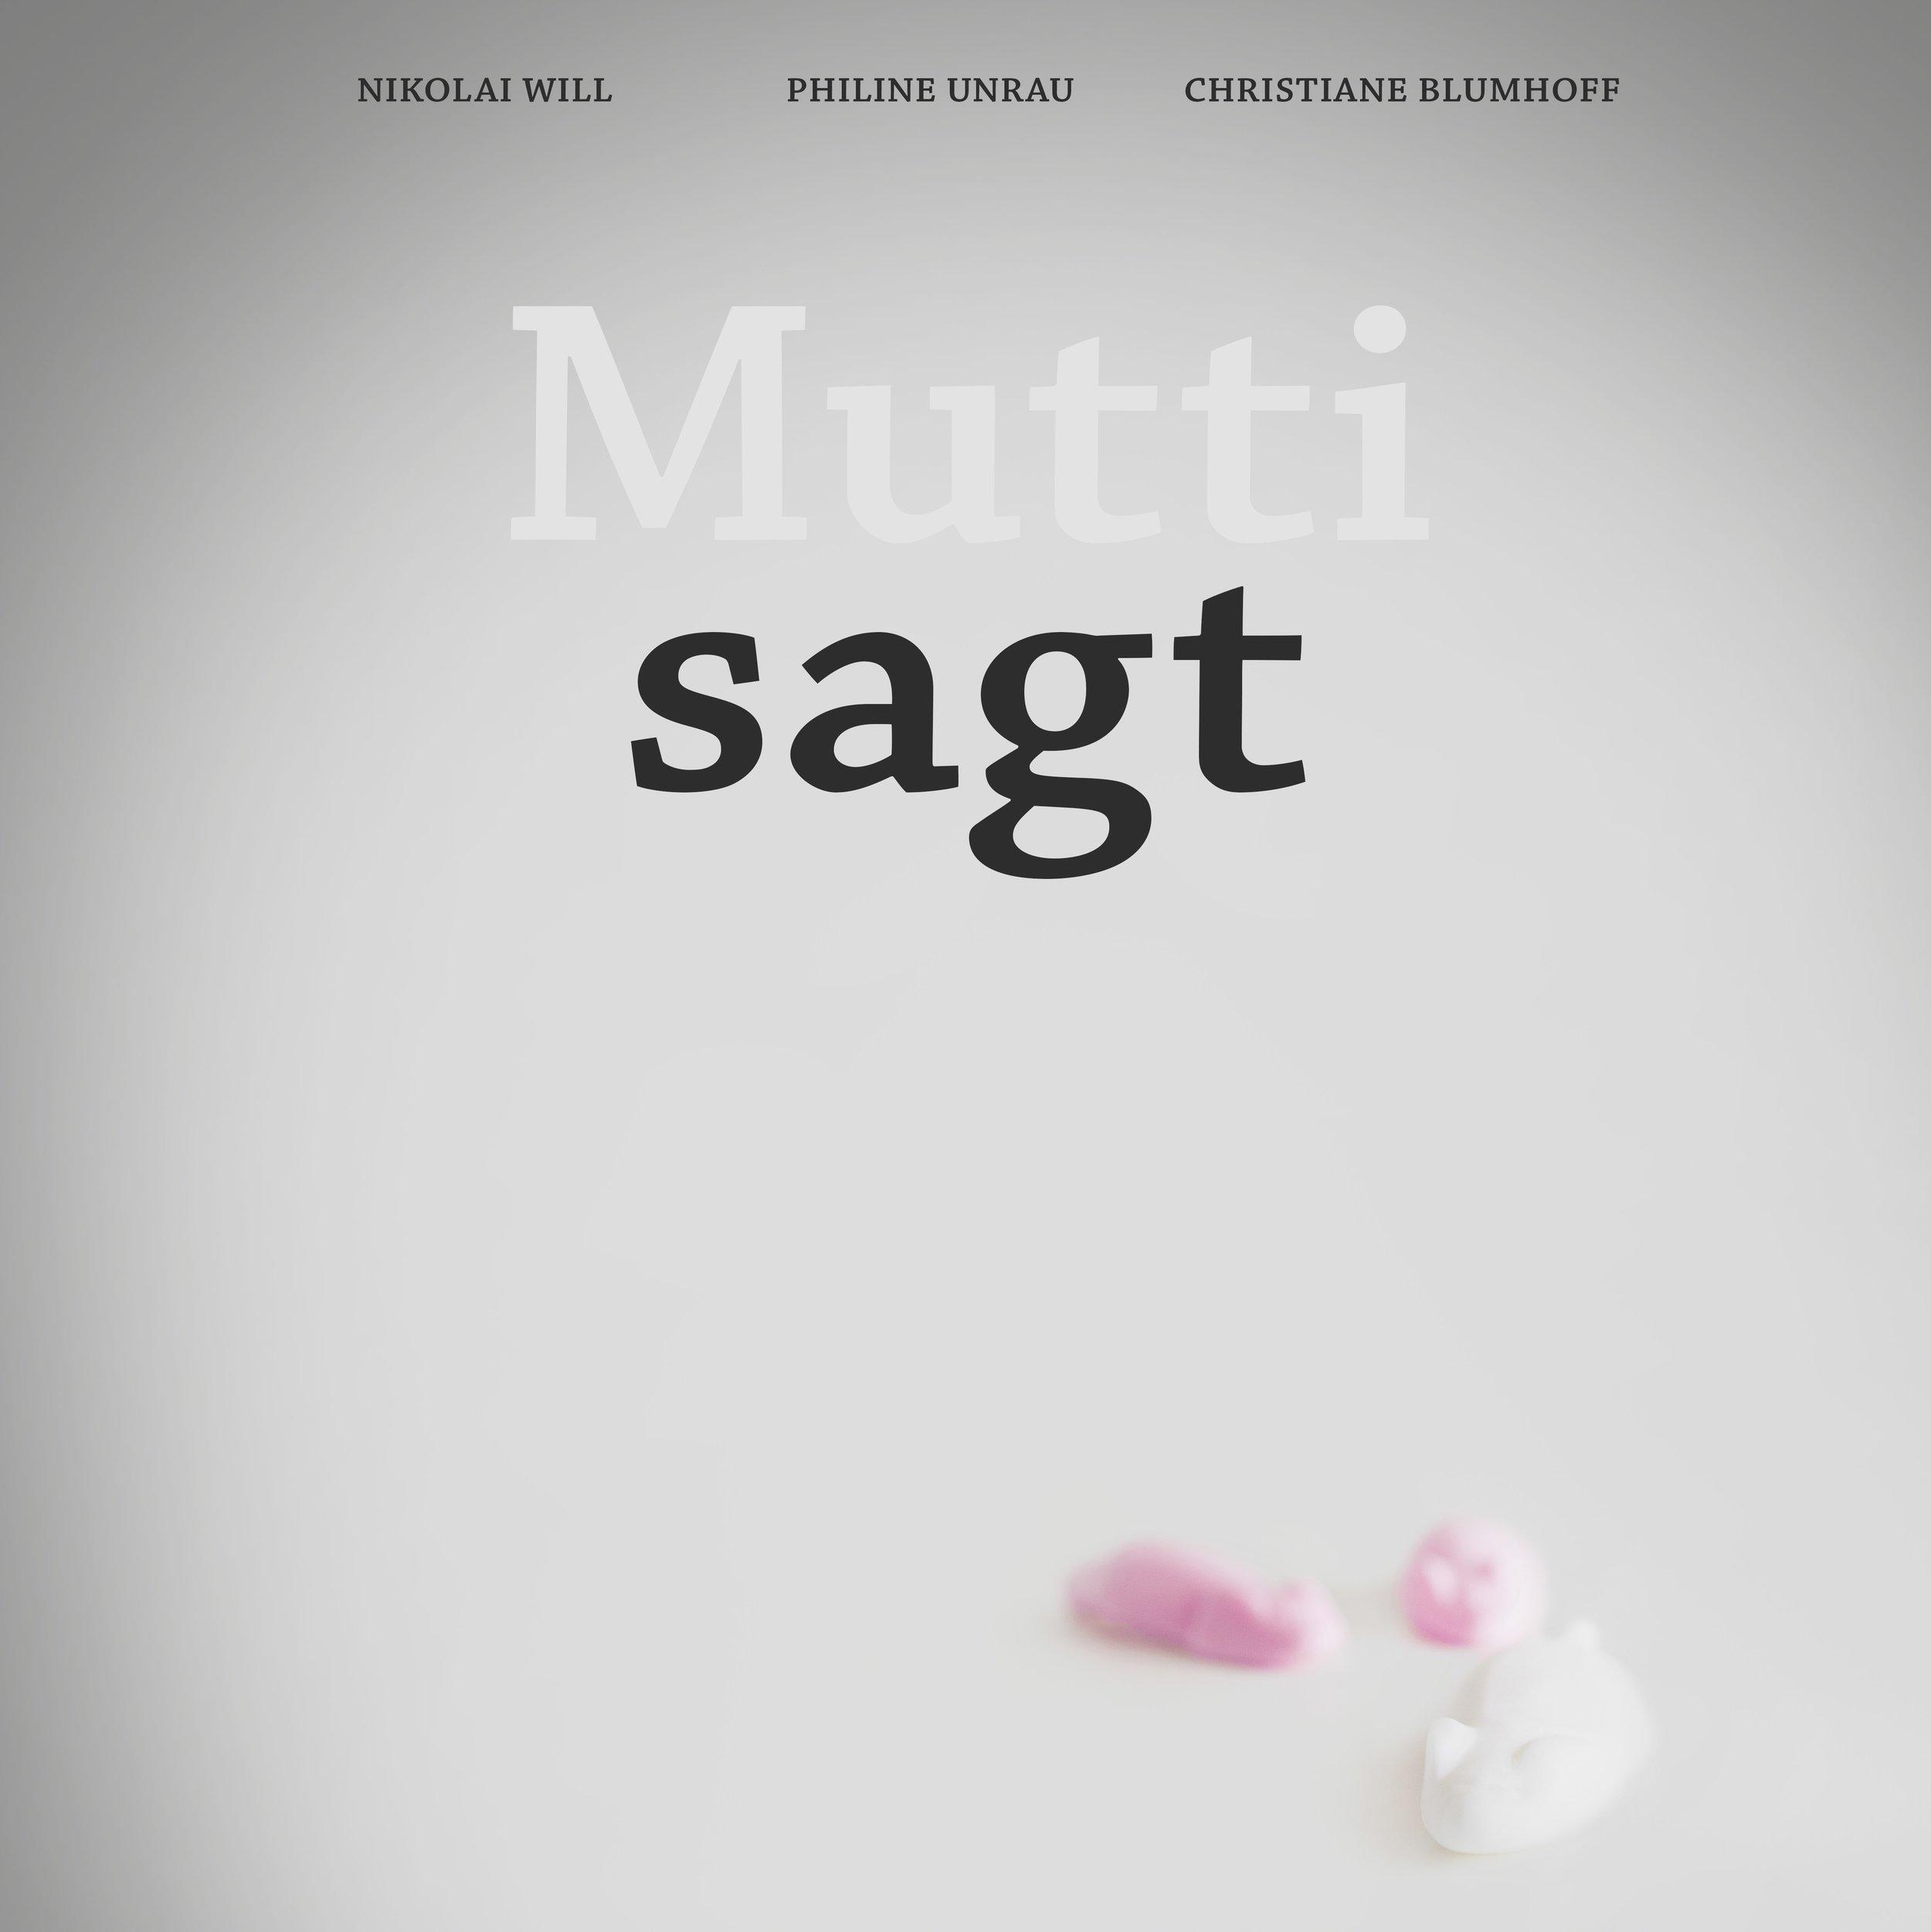 Mutti sagt wins Creative Vision Award - February 27, 2017